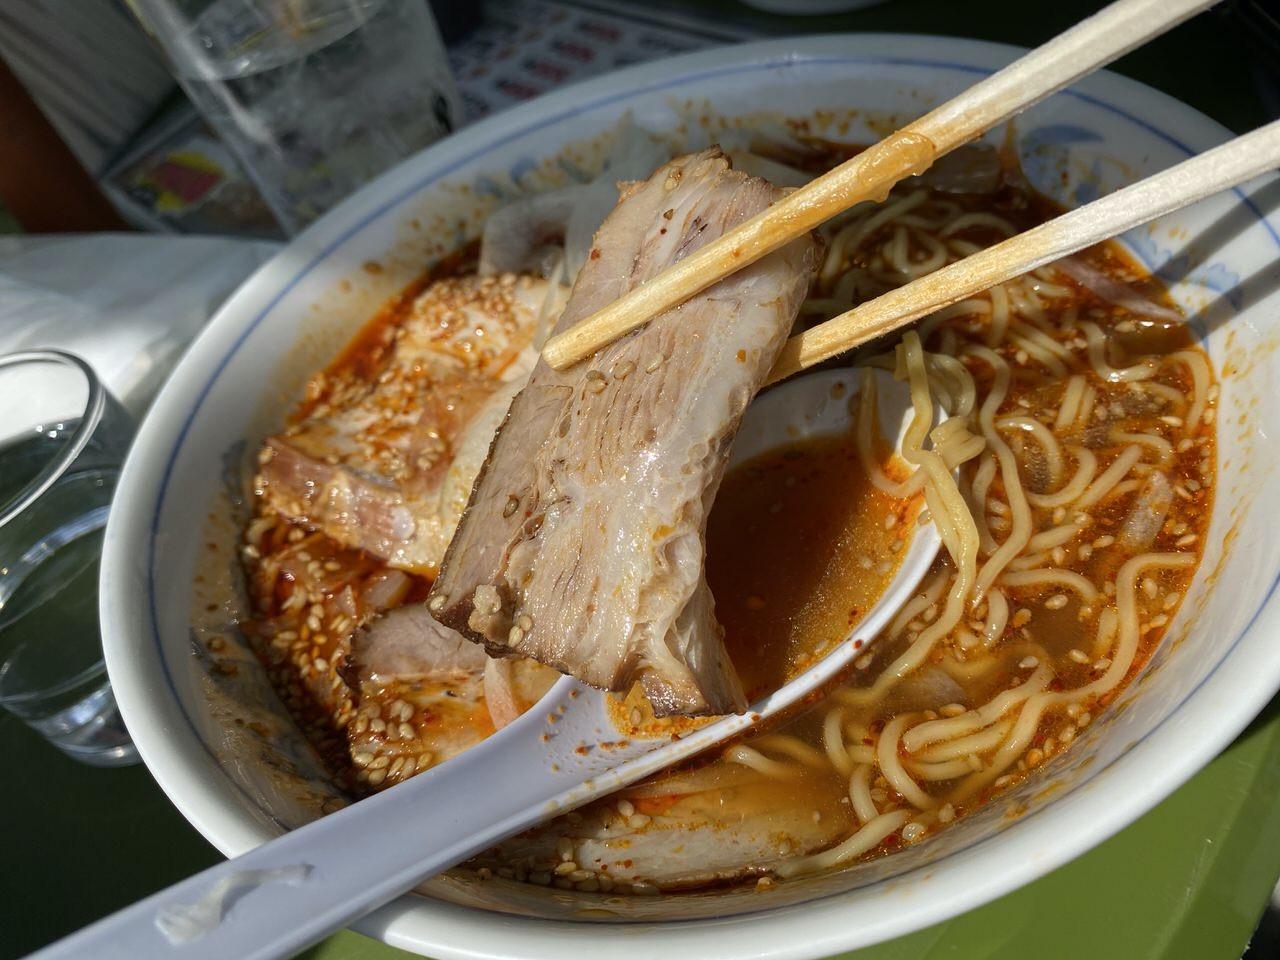 「お食事処 いしい」勝浦タンタンメン 15